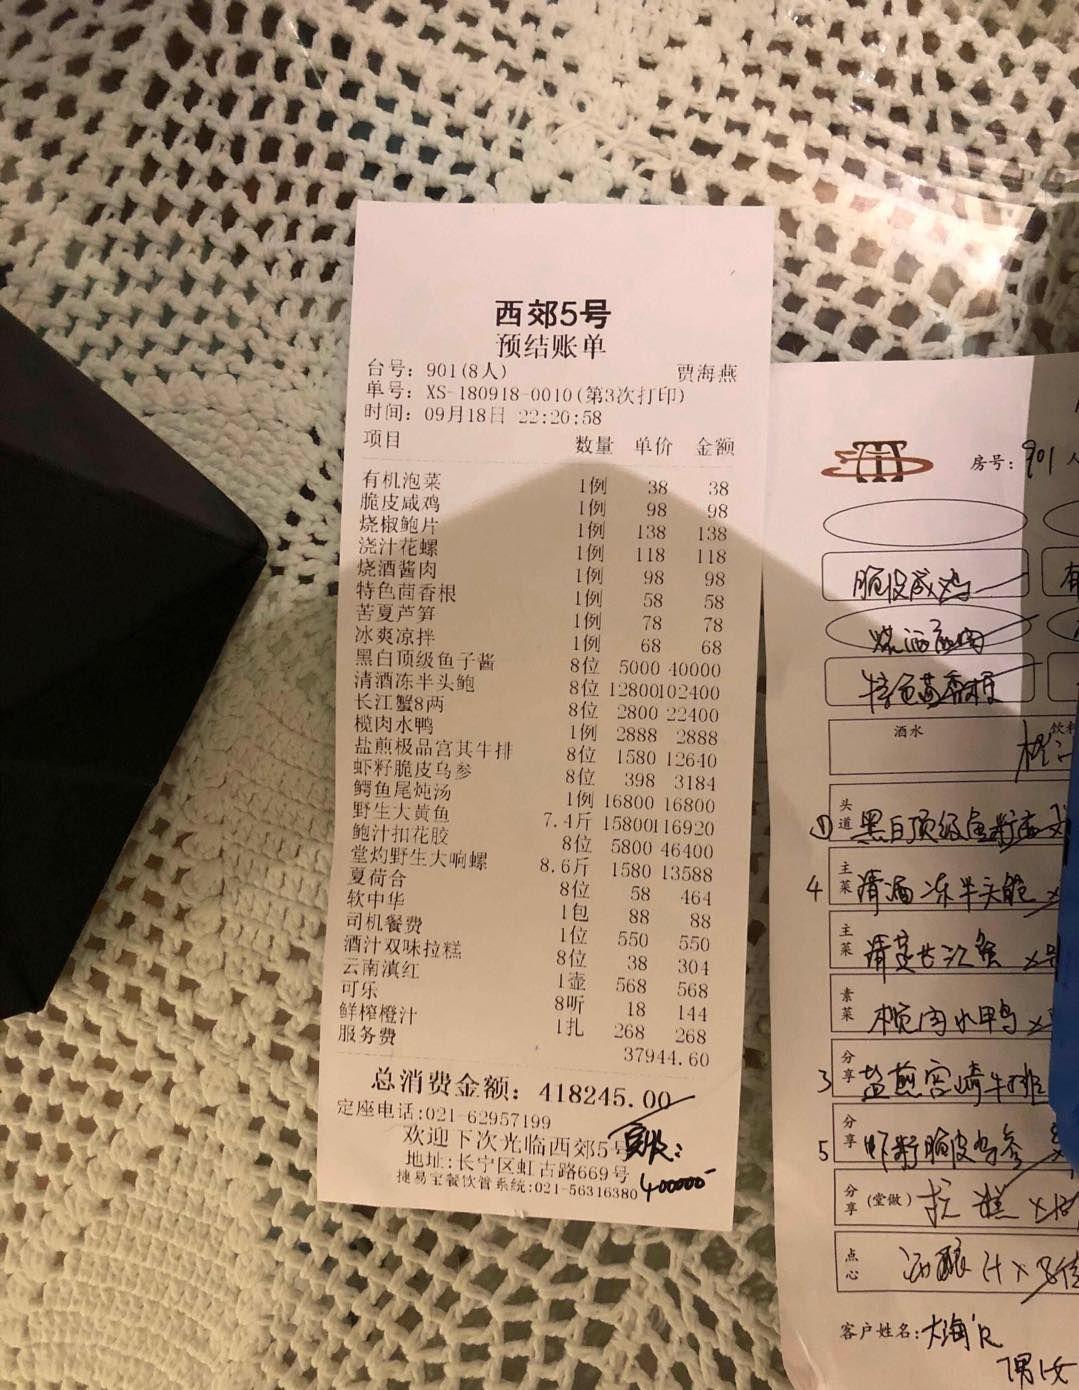 數字貨幣趨勢狂人 | 一頓飯吃40萬是毛毛雨,你呢? 9月19日行情分析